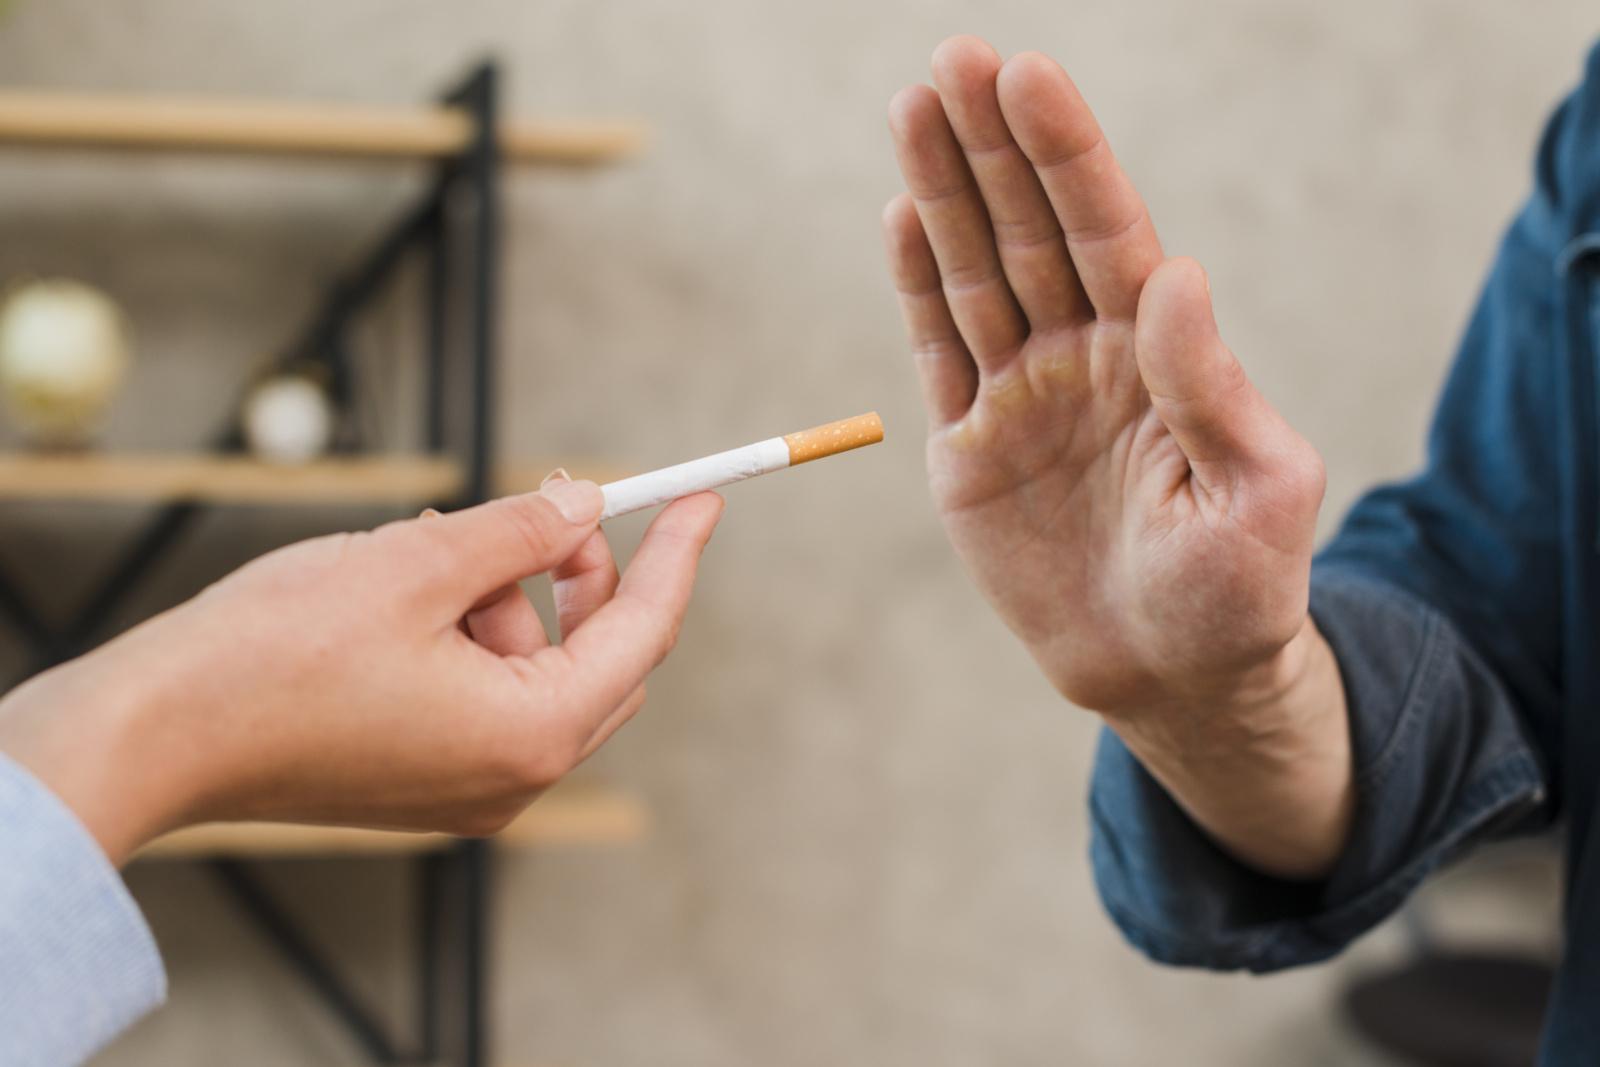 Netradiciniai būdai mesti rūkyti: nuo ženšenio ar jogurto iki laikmačio